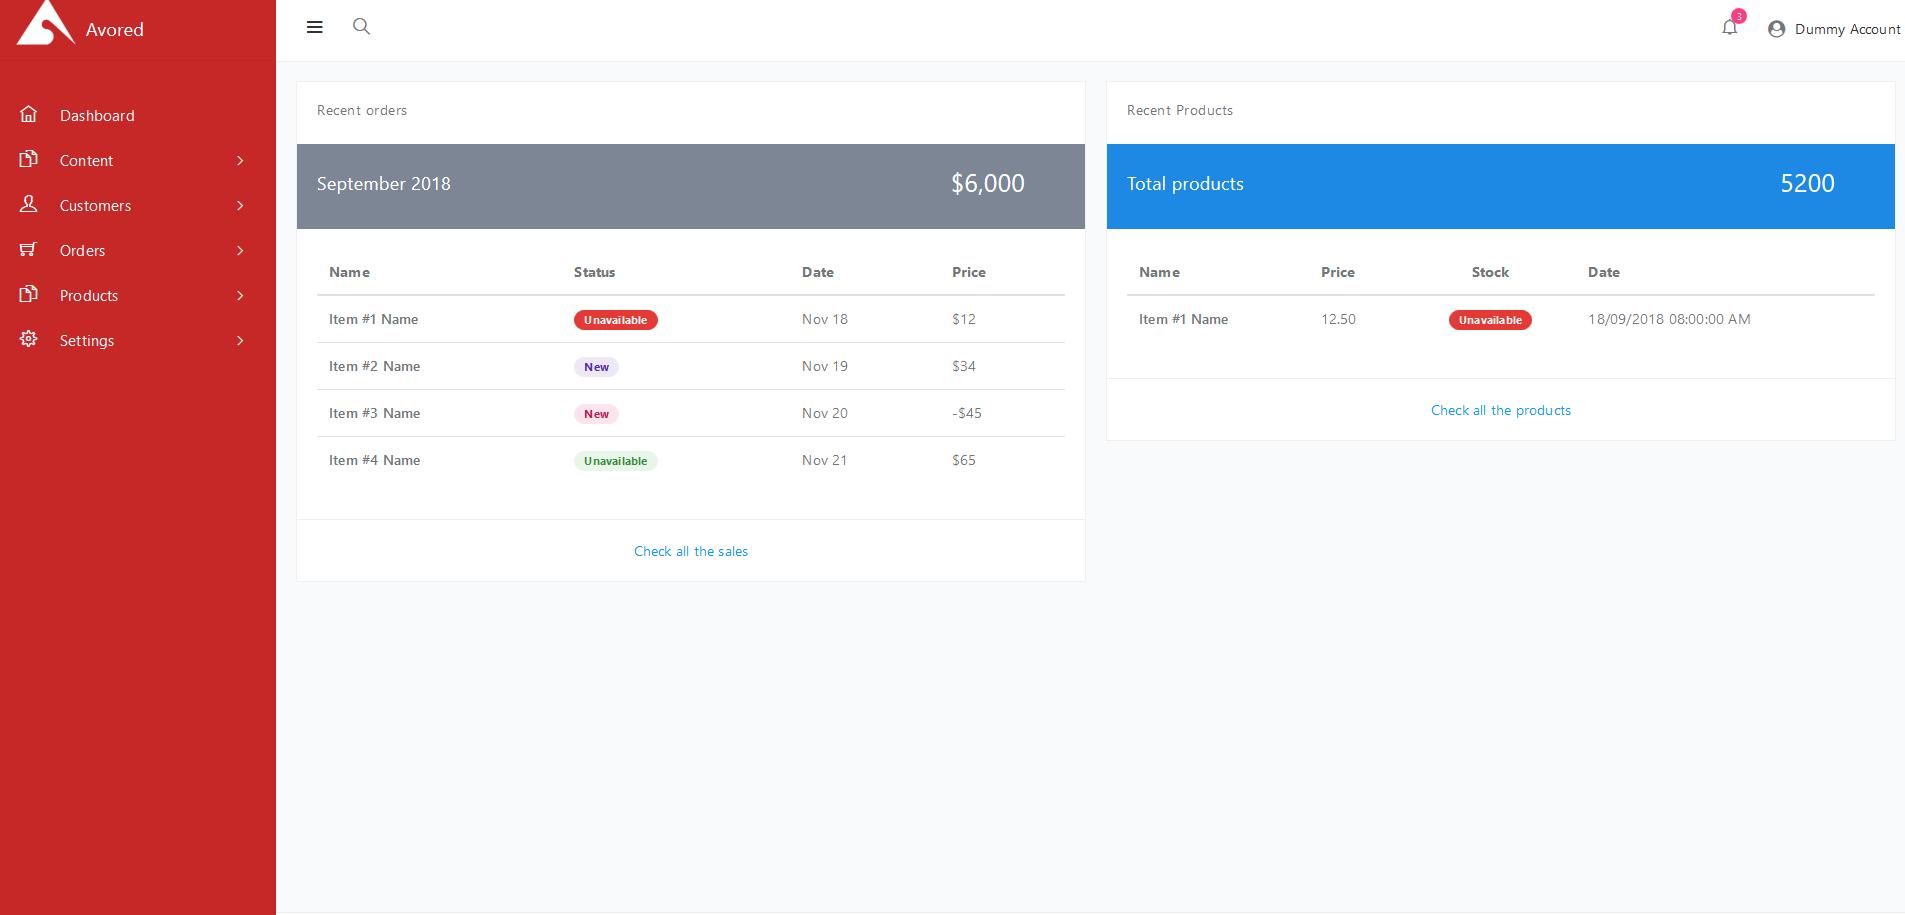 Laravel Open Source Shopping Cart(AvoRed E-Commerce)